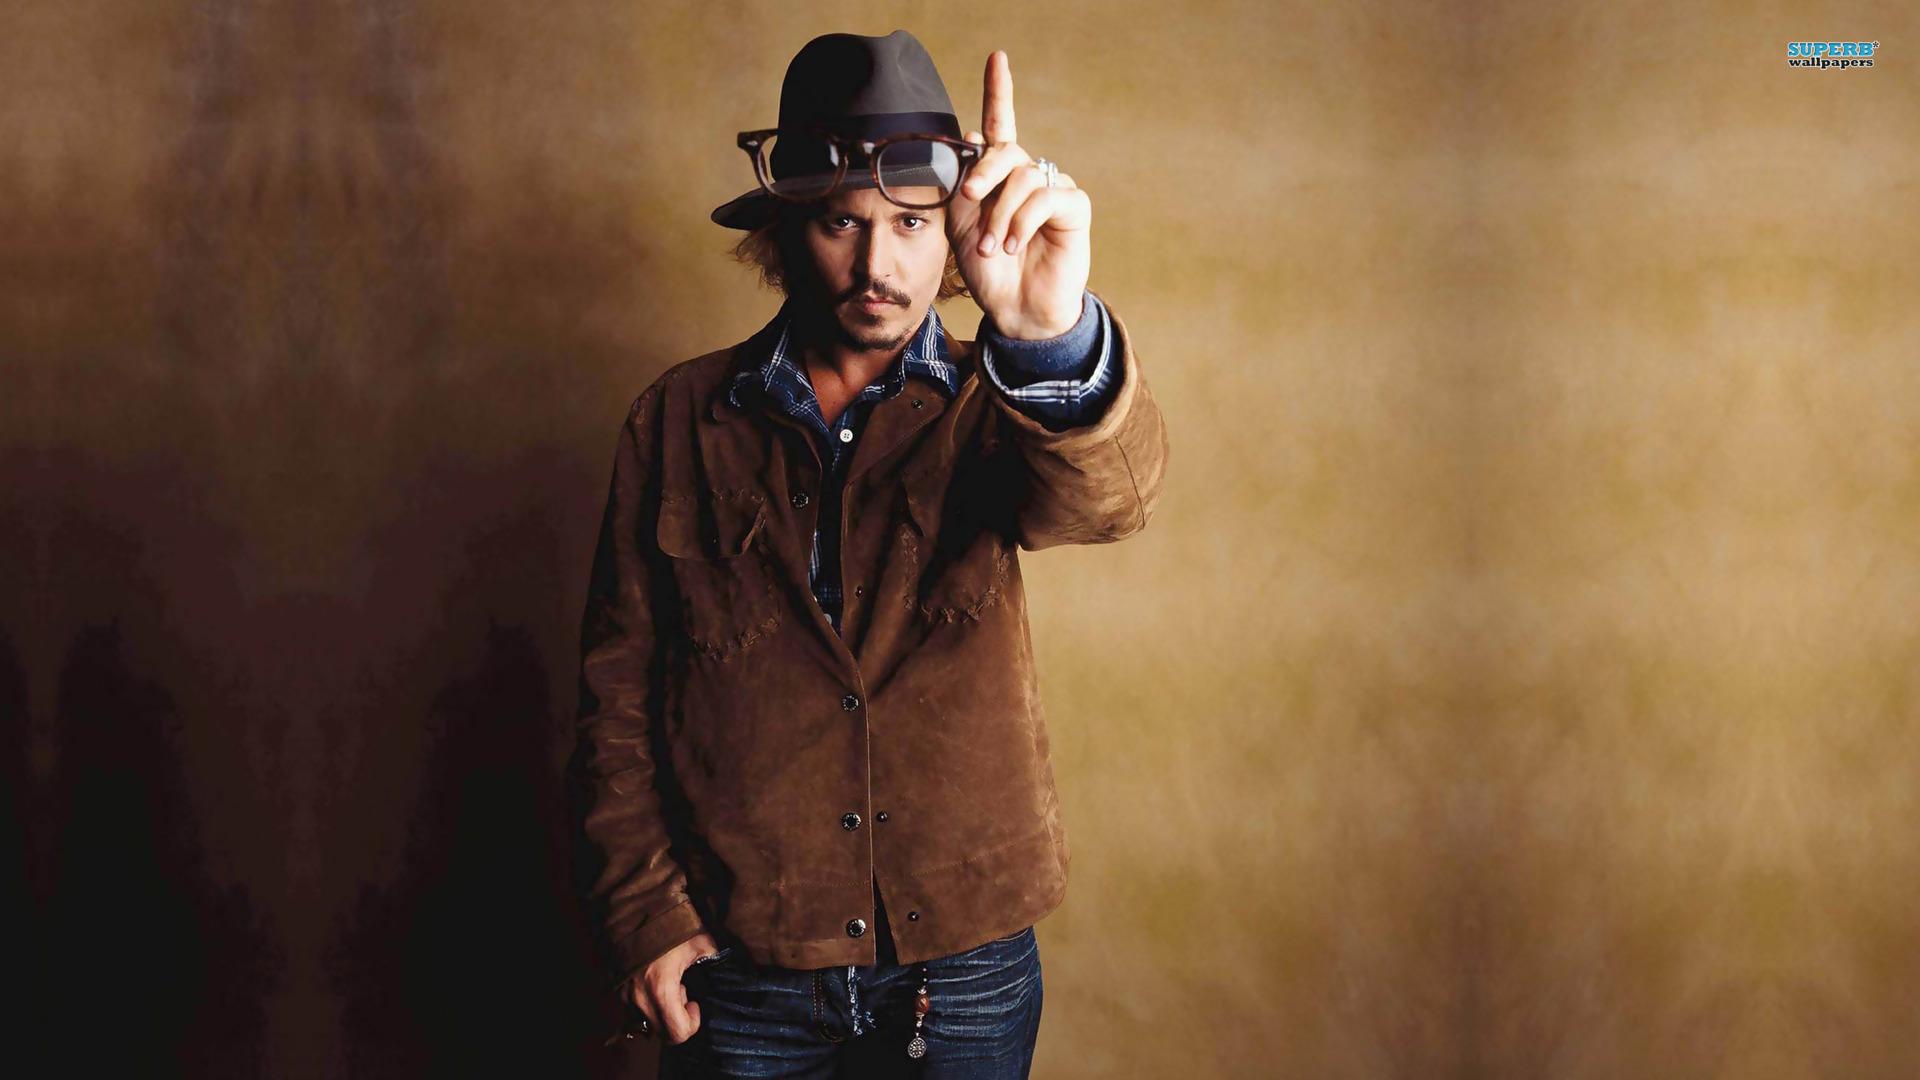 Johnny Depp Wallpaper 1920x1080p